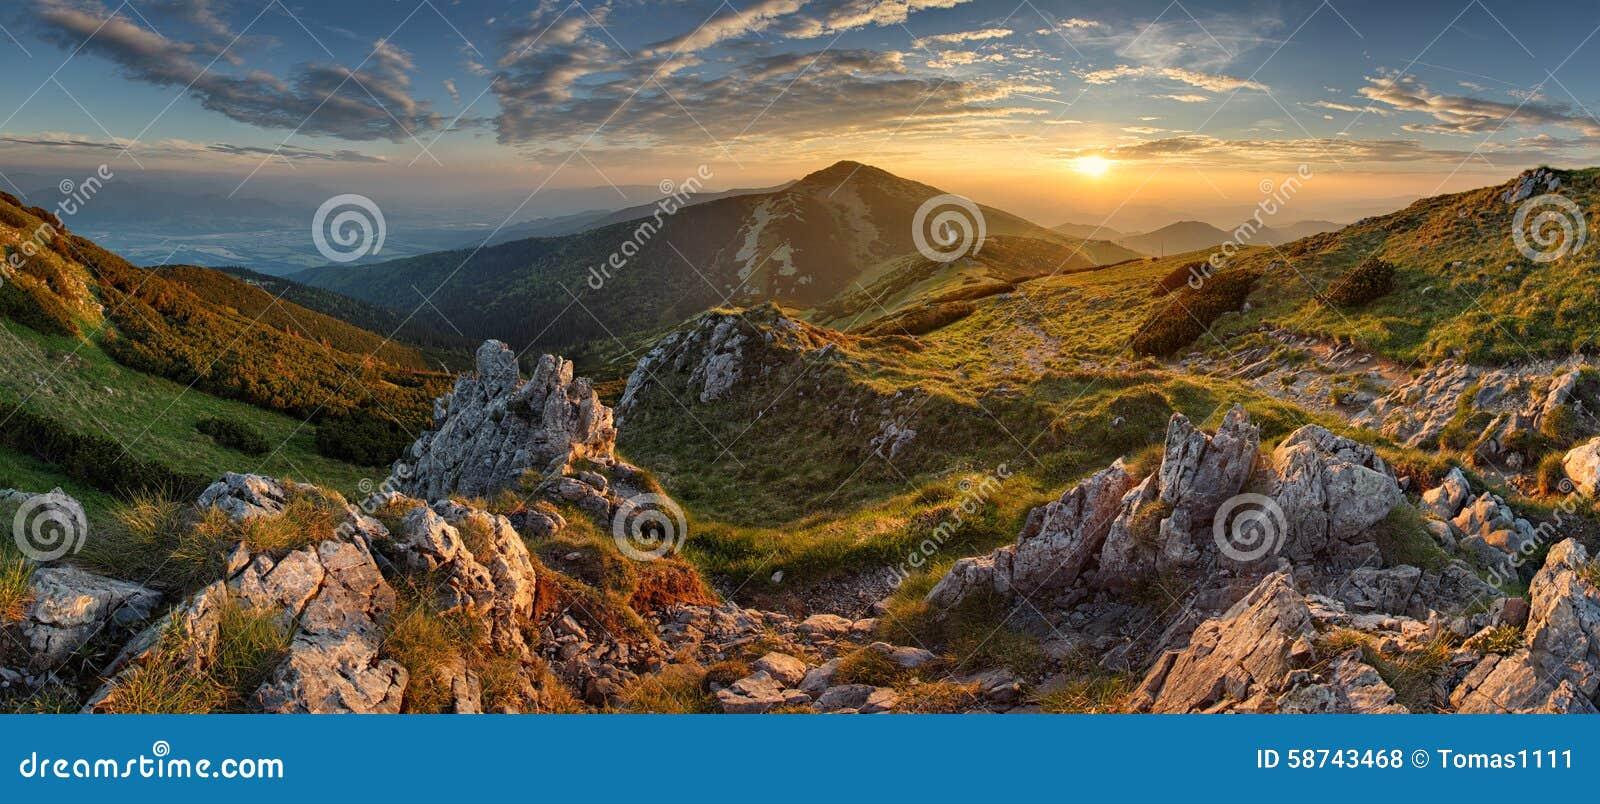 Montagne rocheuse de panorama au coucher du soleil en Slovaquie